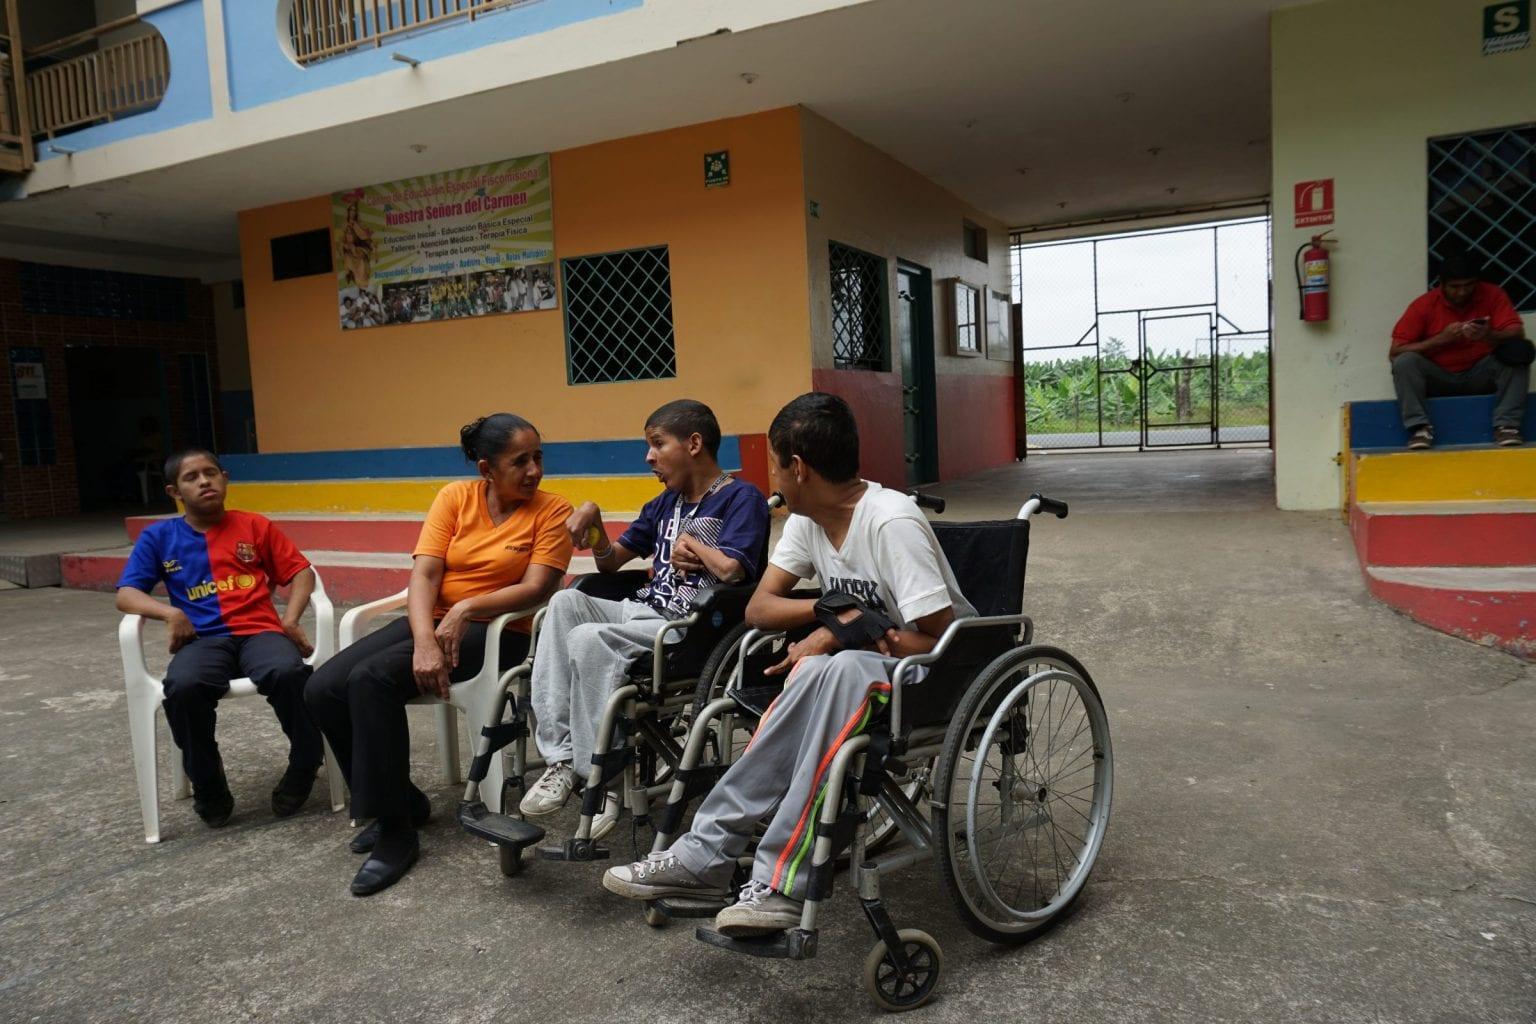 Familien her bor i bananplantagerne, og har fire børn født med handikap.